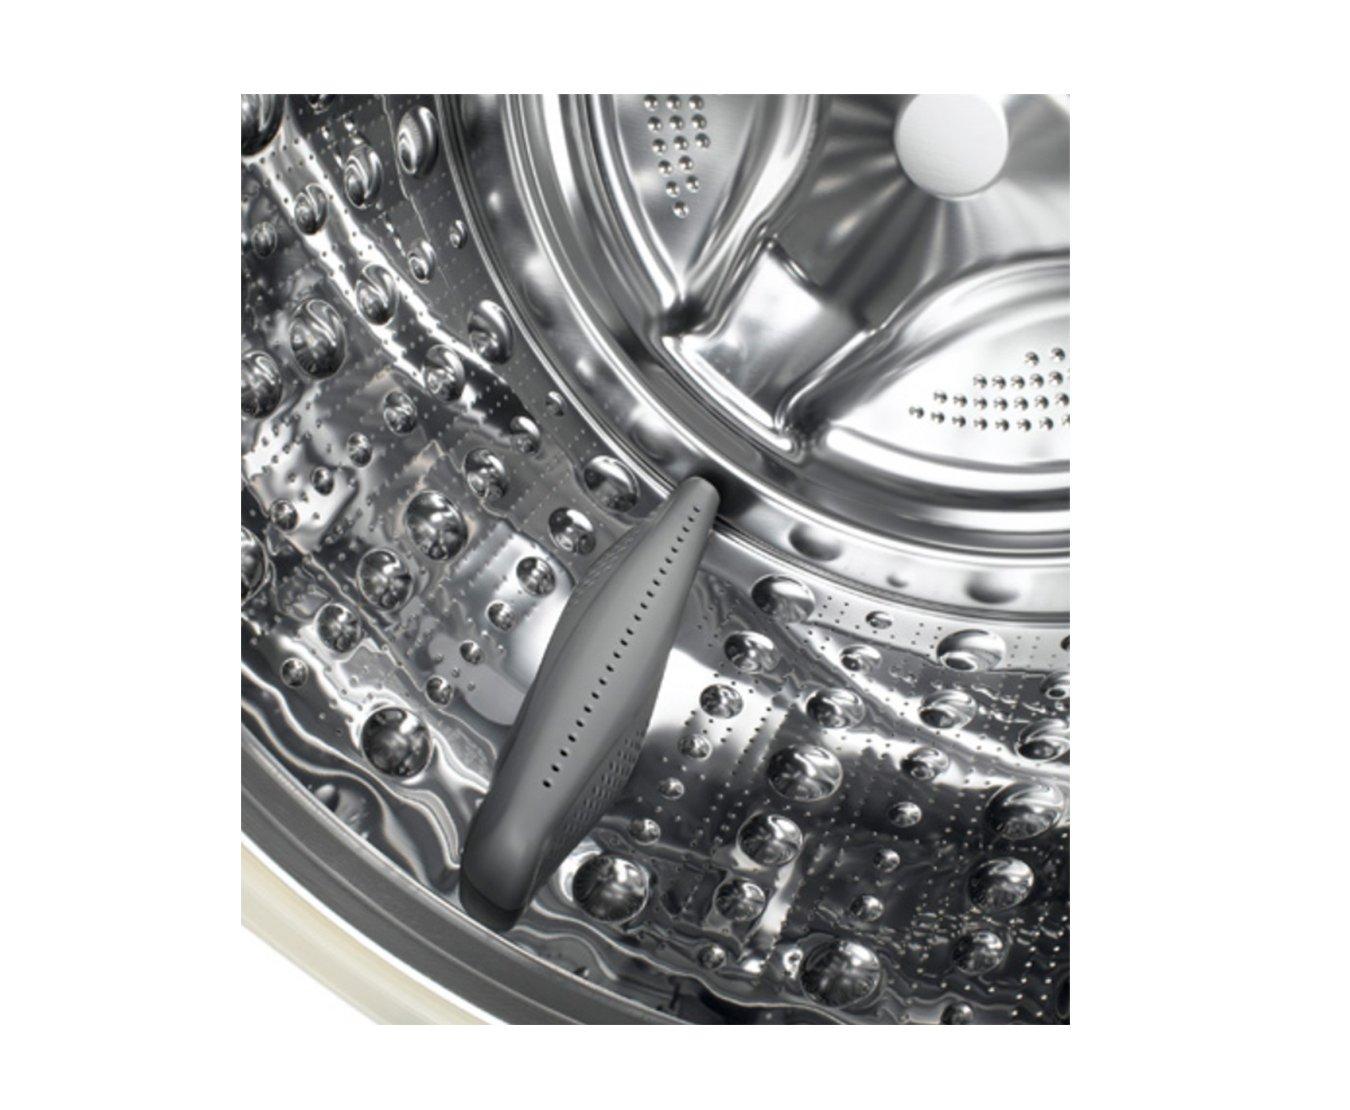 LG-F1494QD-Frontlader-Waschmaschine-A-7-kg-171-kWhJahr-10000-LitersJahr-1400-UpM-Inverter-Direct-Drive-Aqua-Lock-Smart-Diagnosis-wei